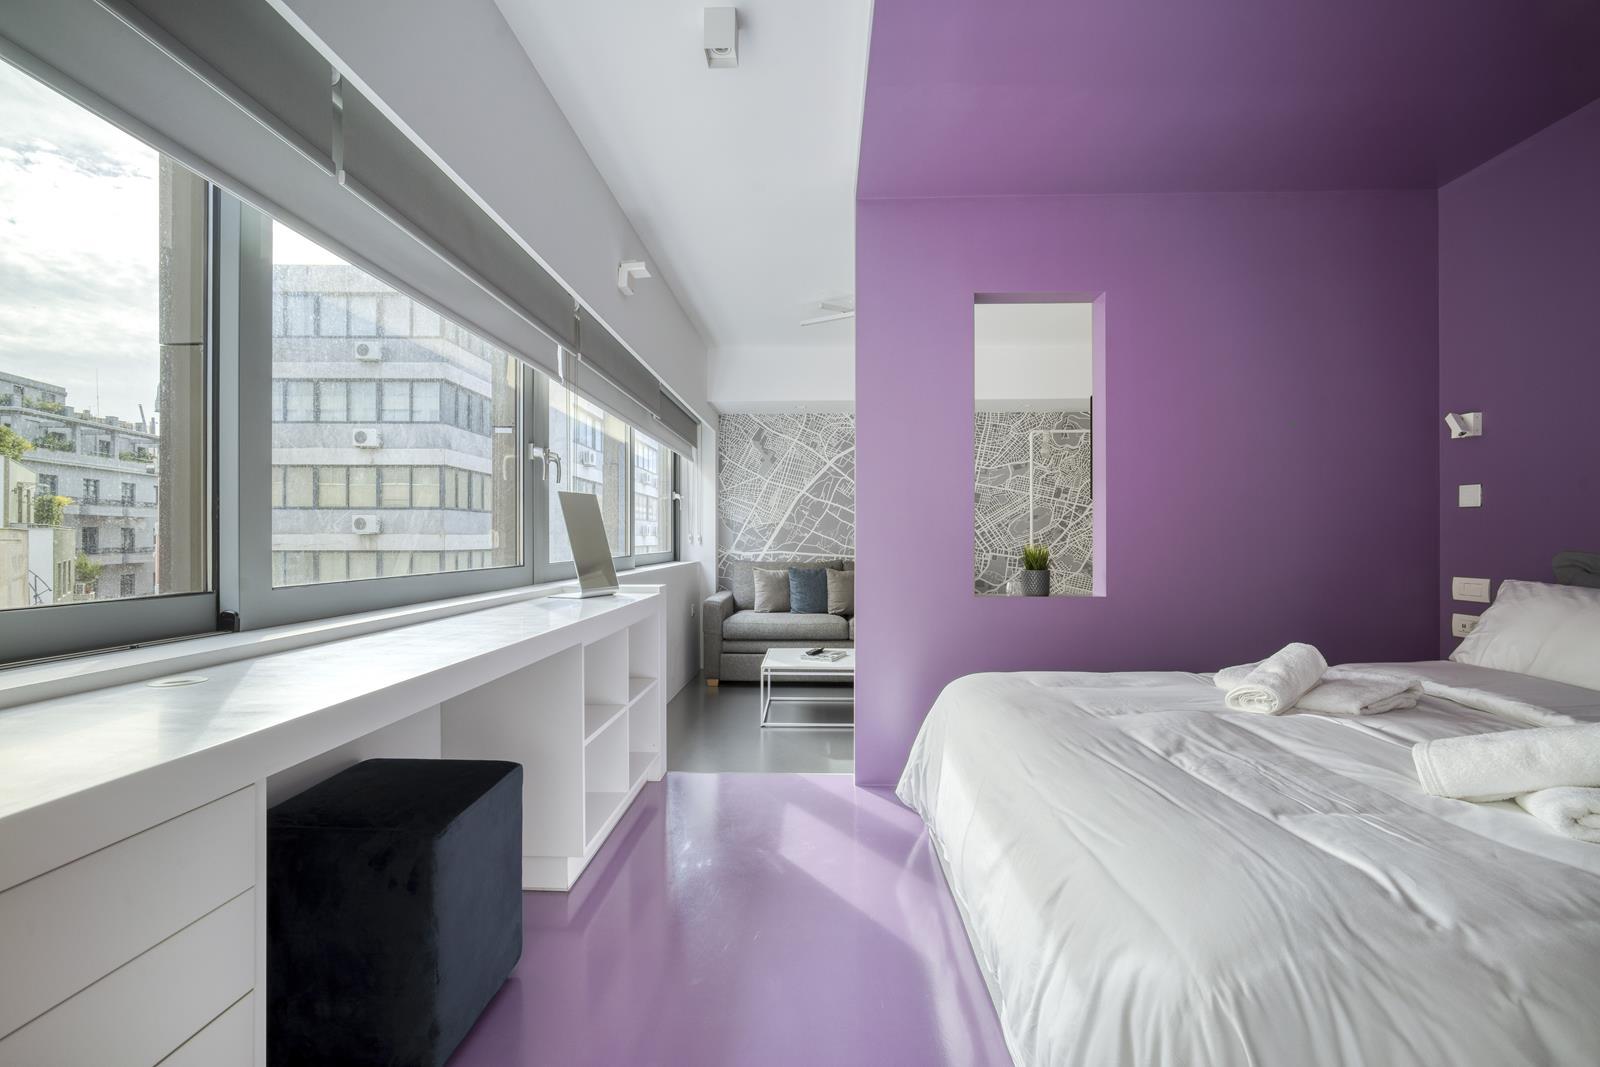 κεντρο αθηνα διαμονη - Athens Color Cube Luxury Apartments